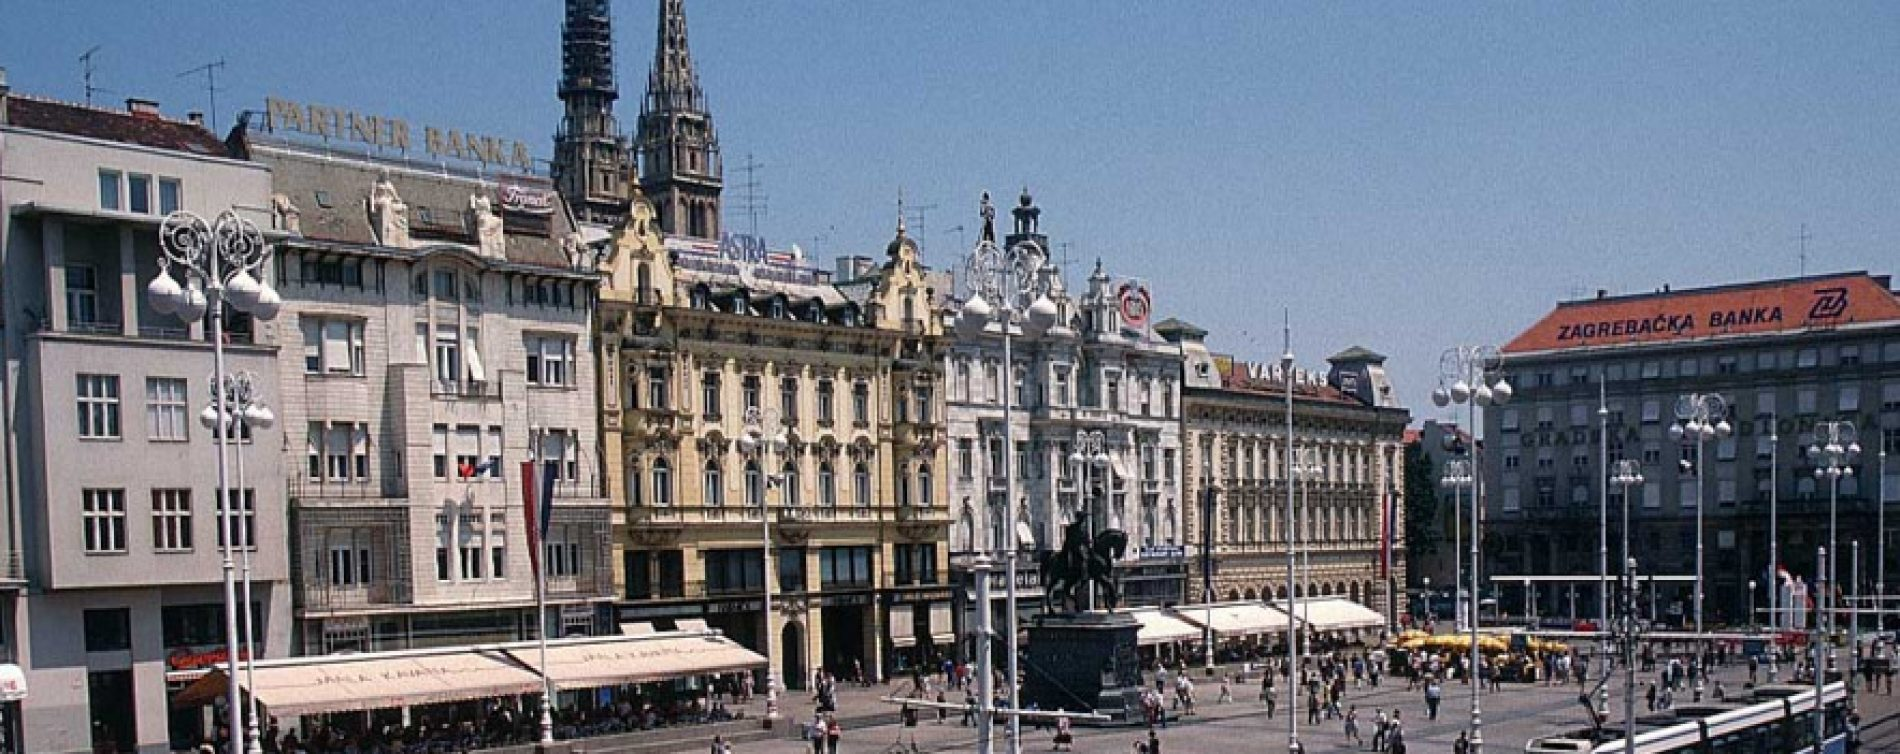 Kvadrat stana u Zagrebu 3.500 evra